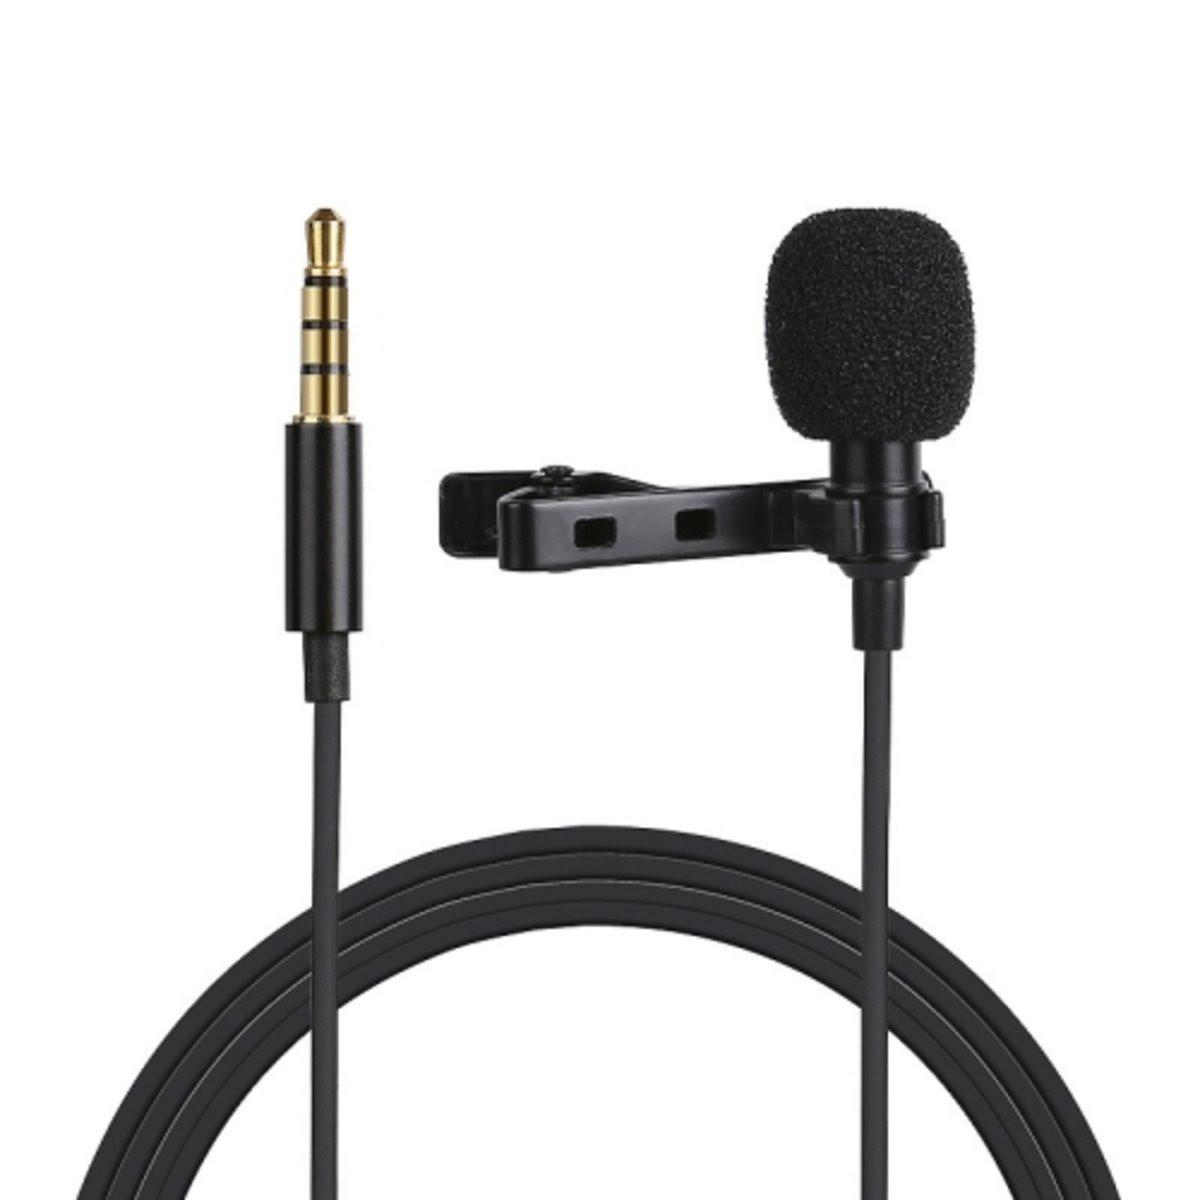 Микрофон для съемки - петличка Puluz PU424 1,5м (3.5mm)